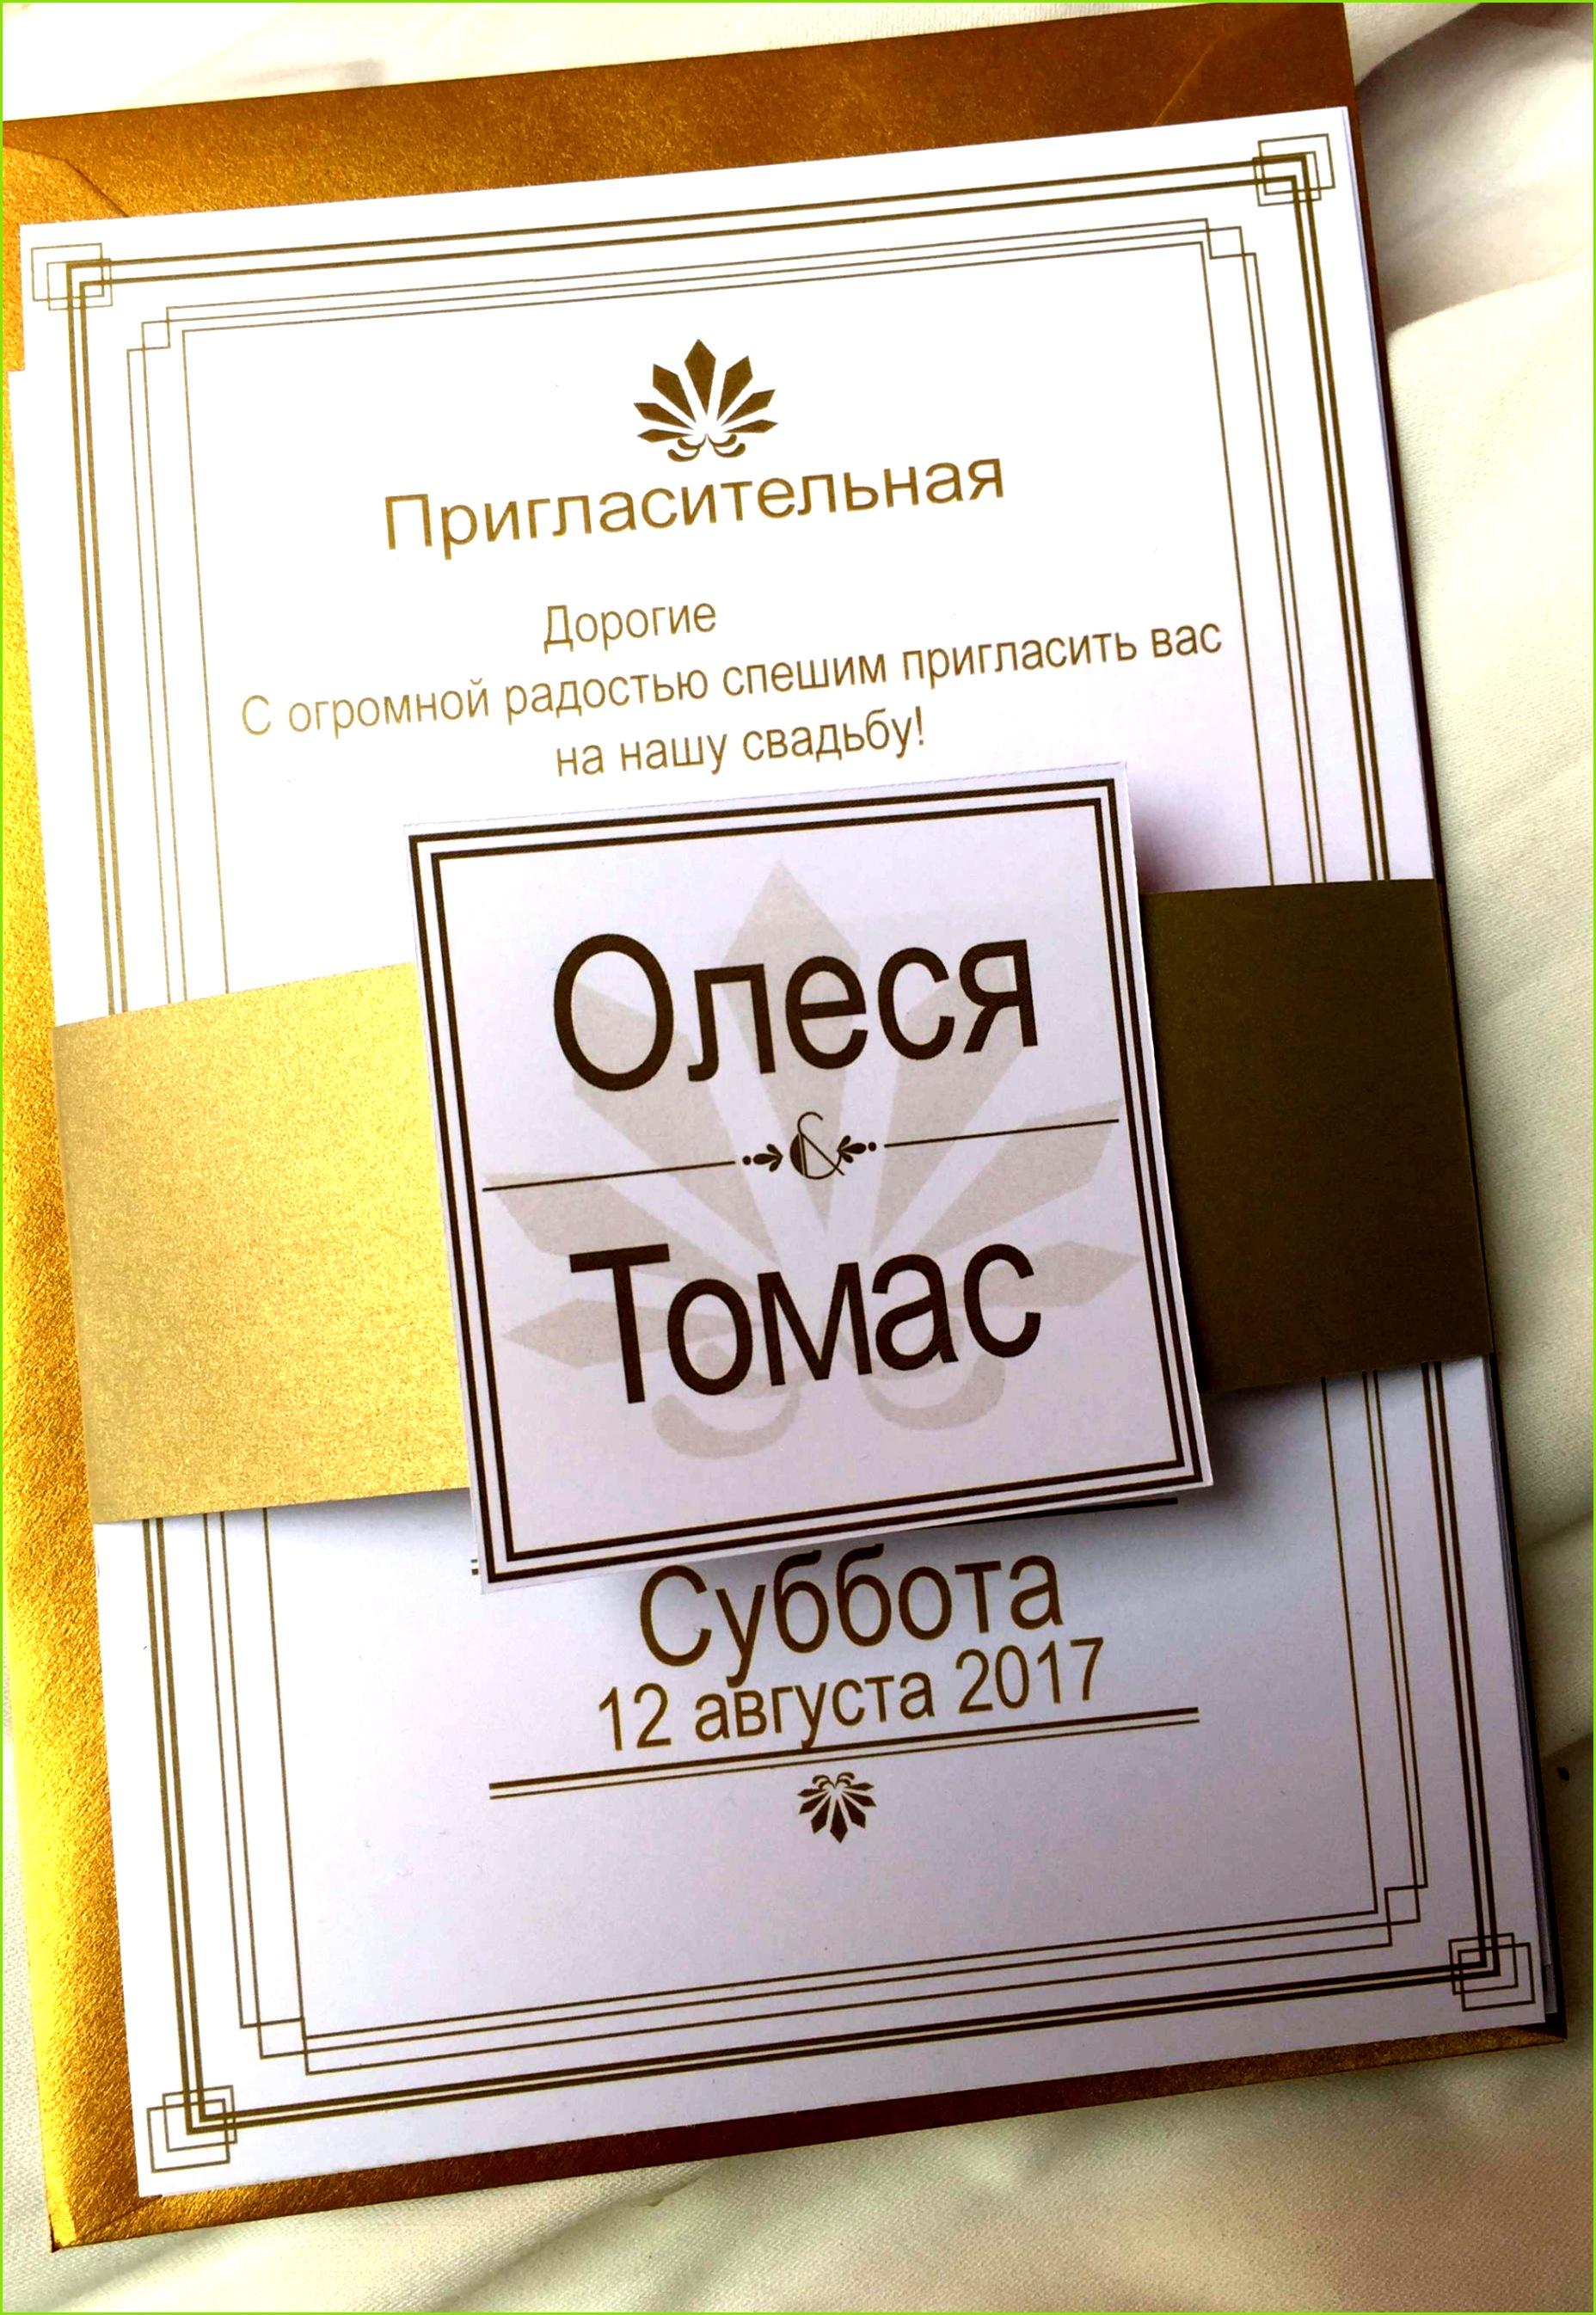 Einladung Goldene Hochzeit Spruche Einladung Zur Hochzeit Spruche Einladung Hochzeitstag 0d Archives